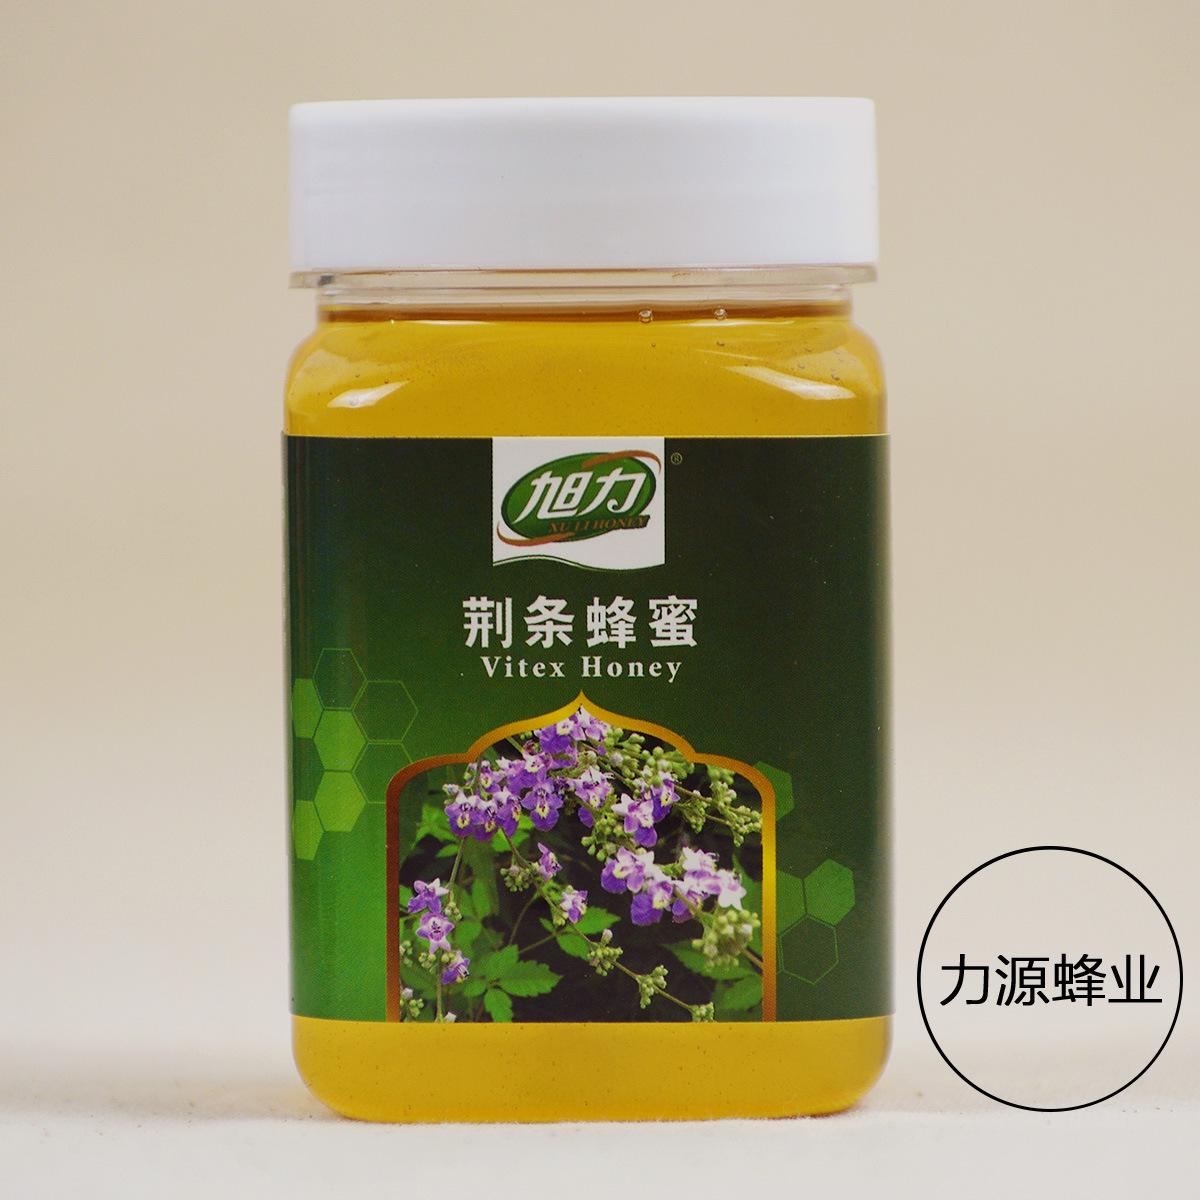 网上蜂蜜广告方案_蜂蜜标签设计/平面网页设计/广告平面/宣传单 平面 宣传品 李 ...